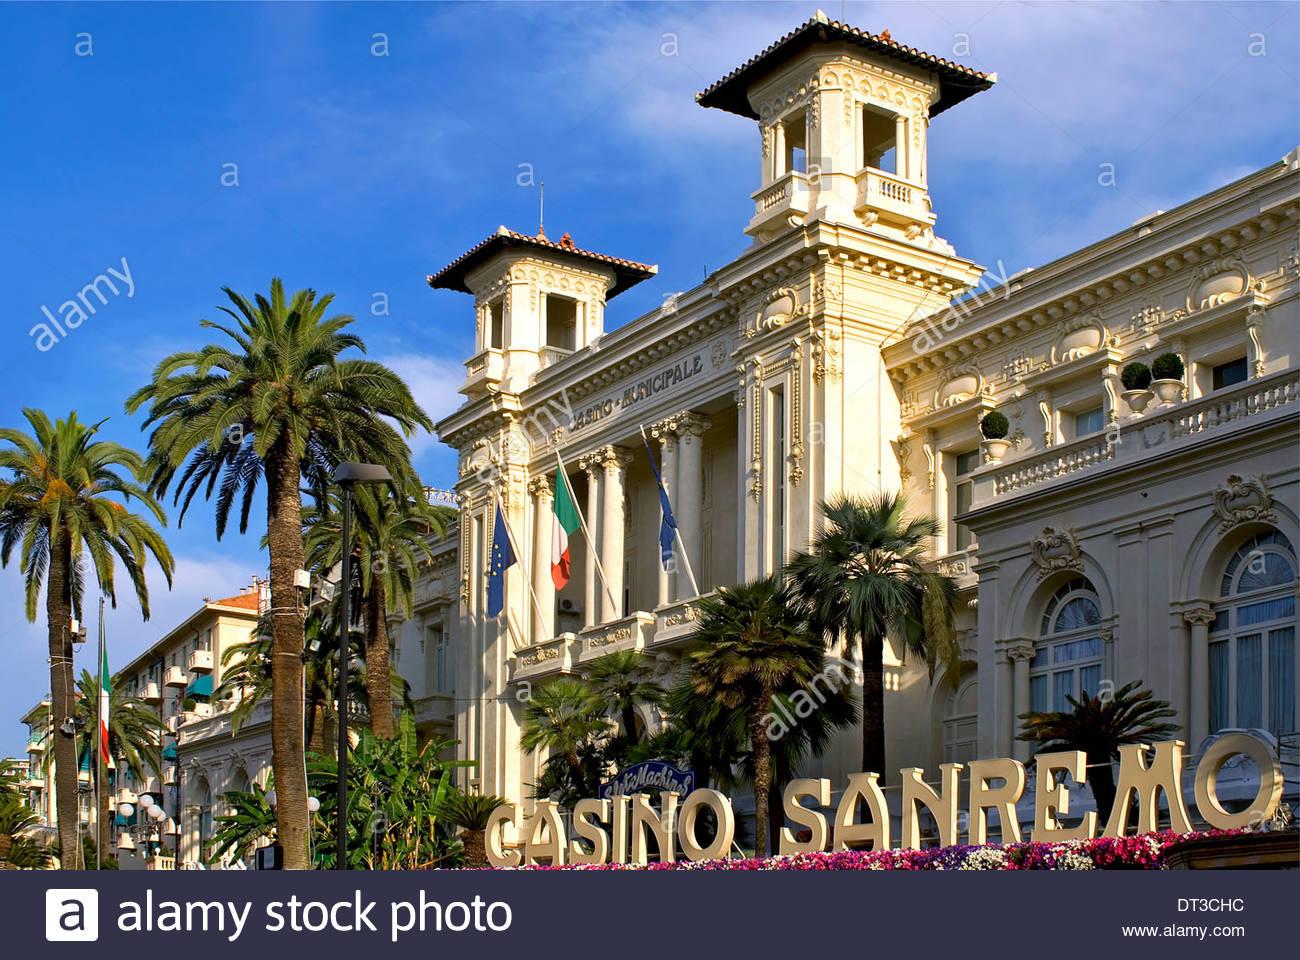 Casino municipale san remo